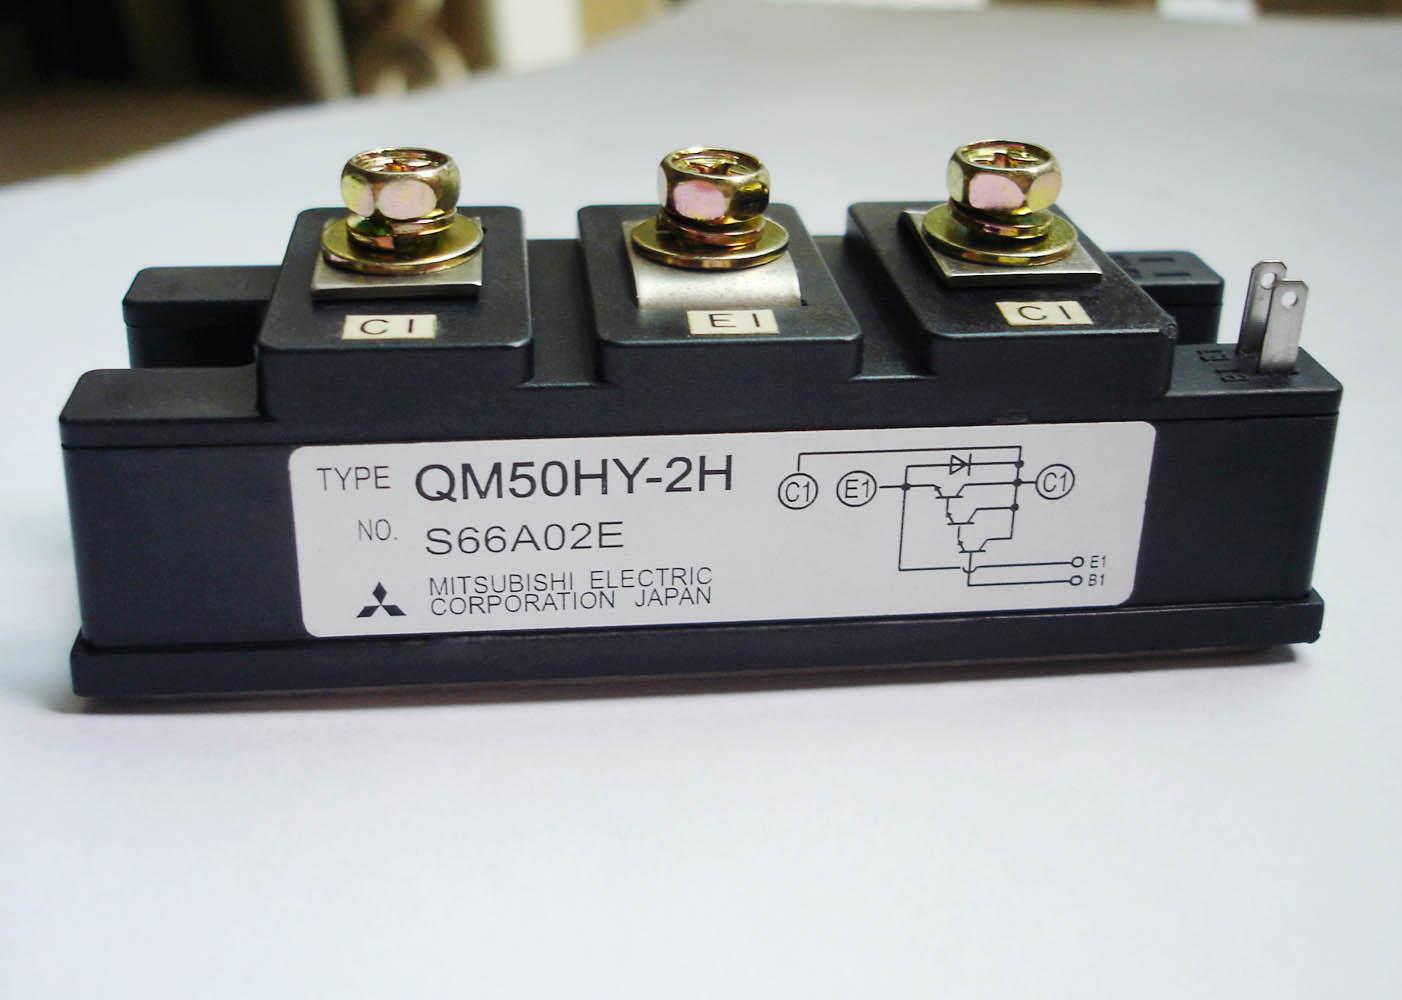 จำหน่าย QM50HY-2H และอุปกรณ์อิเล็กทรอนิกส์อื่นๆ (มีสินค้าพร้อมส่ง)